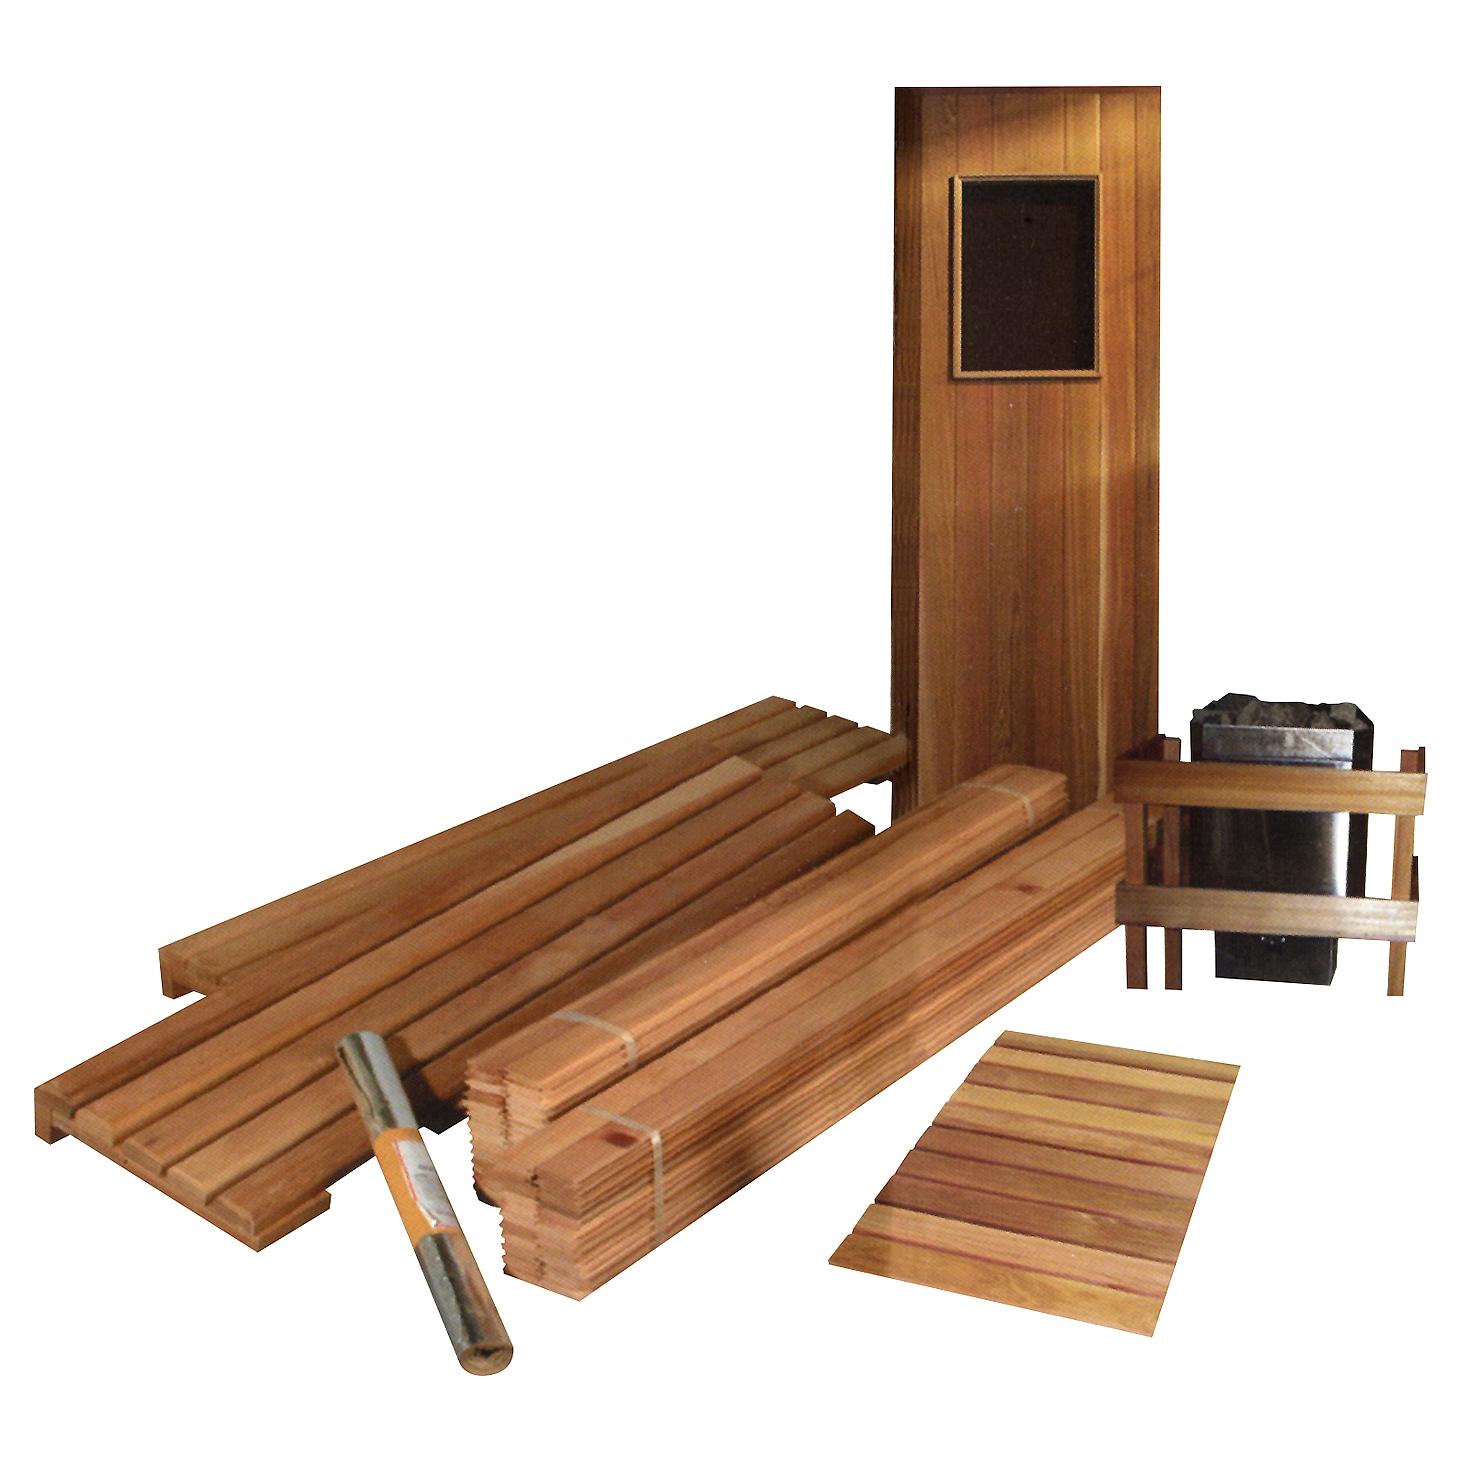 D-I-Y-Cedarland-Sauna-Kit.jpg